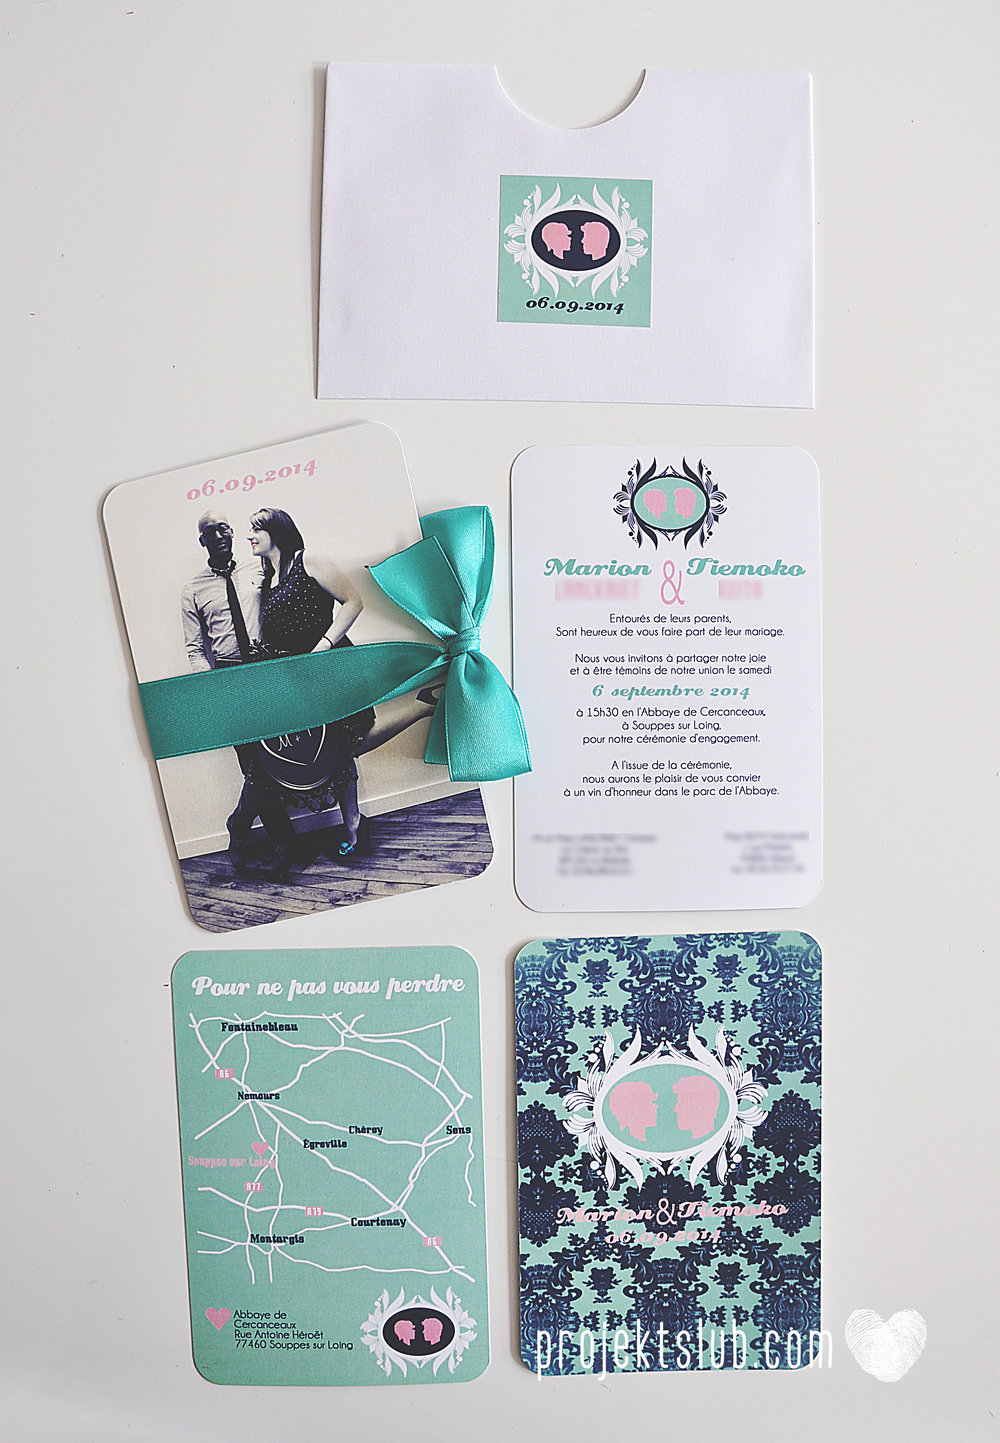 zaproszenia ślubne i dodatki weselne turkus mięta granat kamea piękne zaproszenia oryginalne nietypowe karty  elegancka oryginalna papeteria projekt ślub (13).jpg